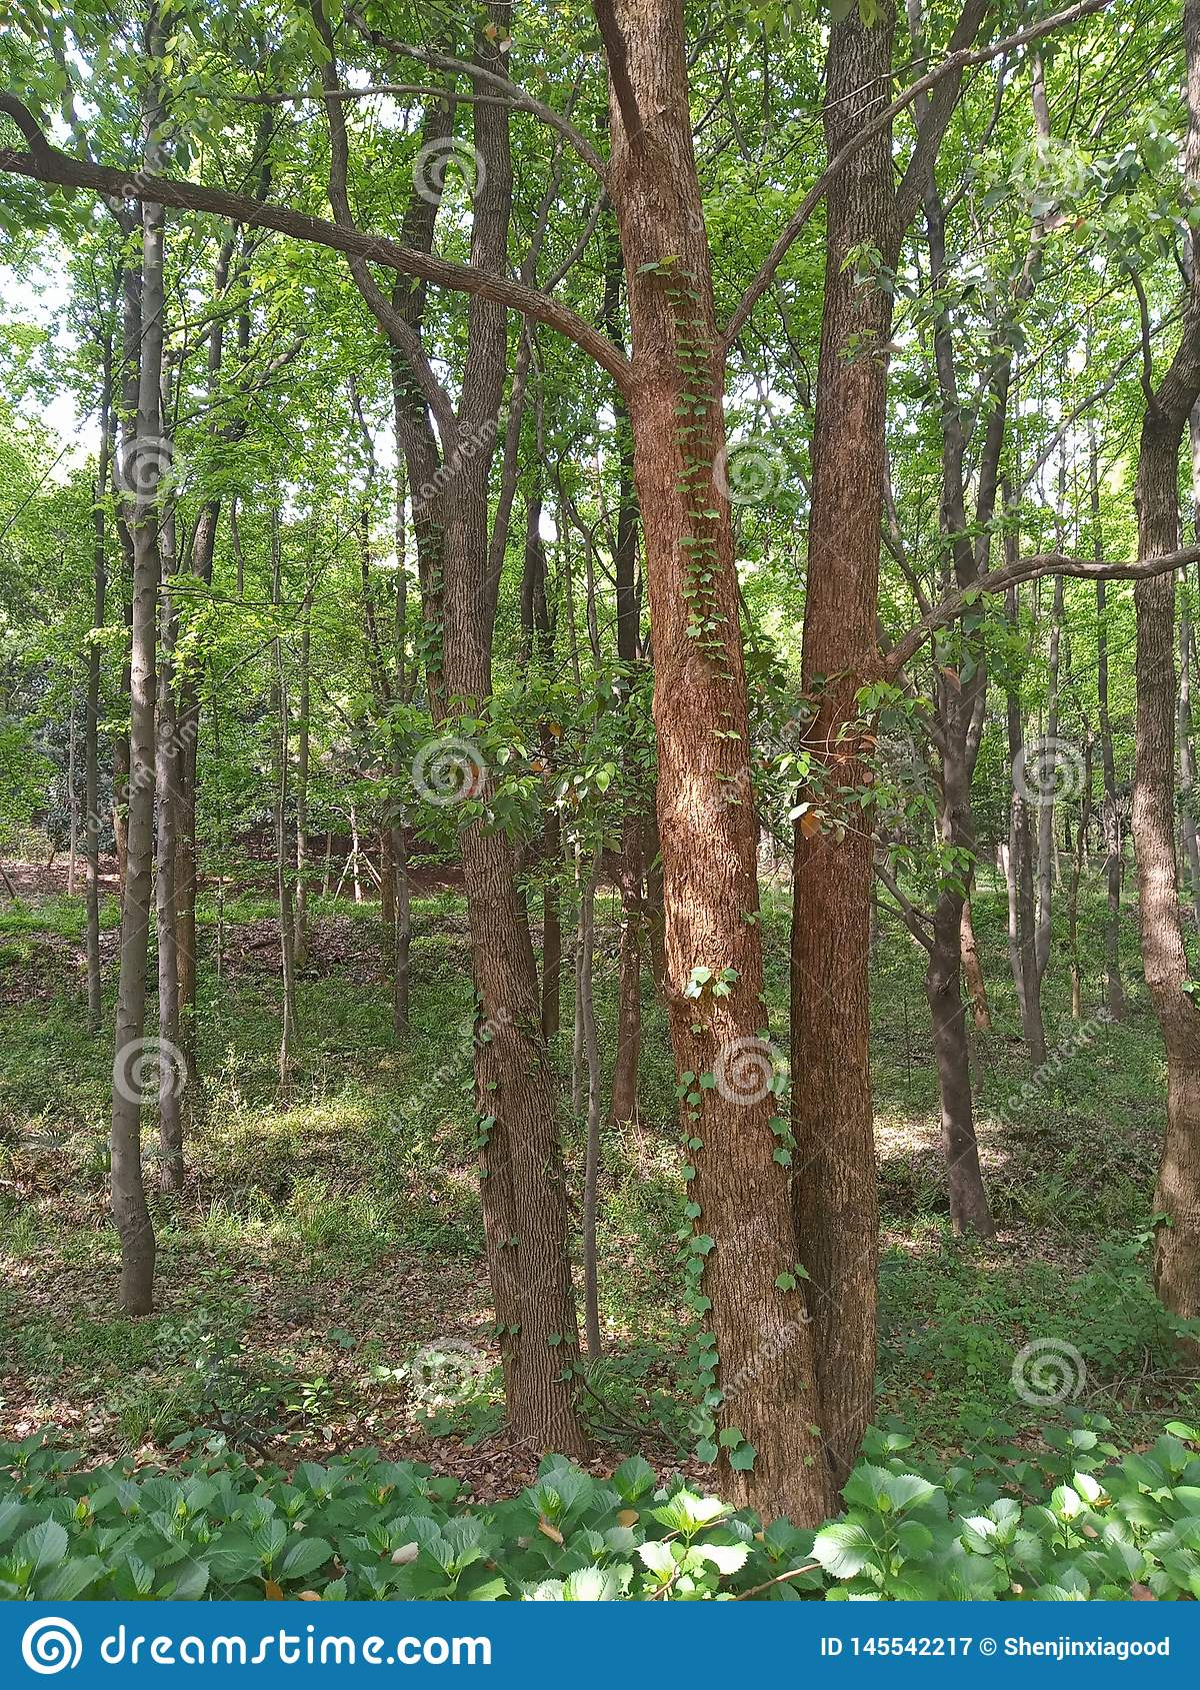 Μια άμπελος που αναρριχείται σε ένα δέντρο